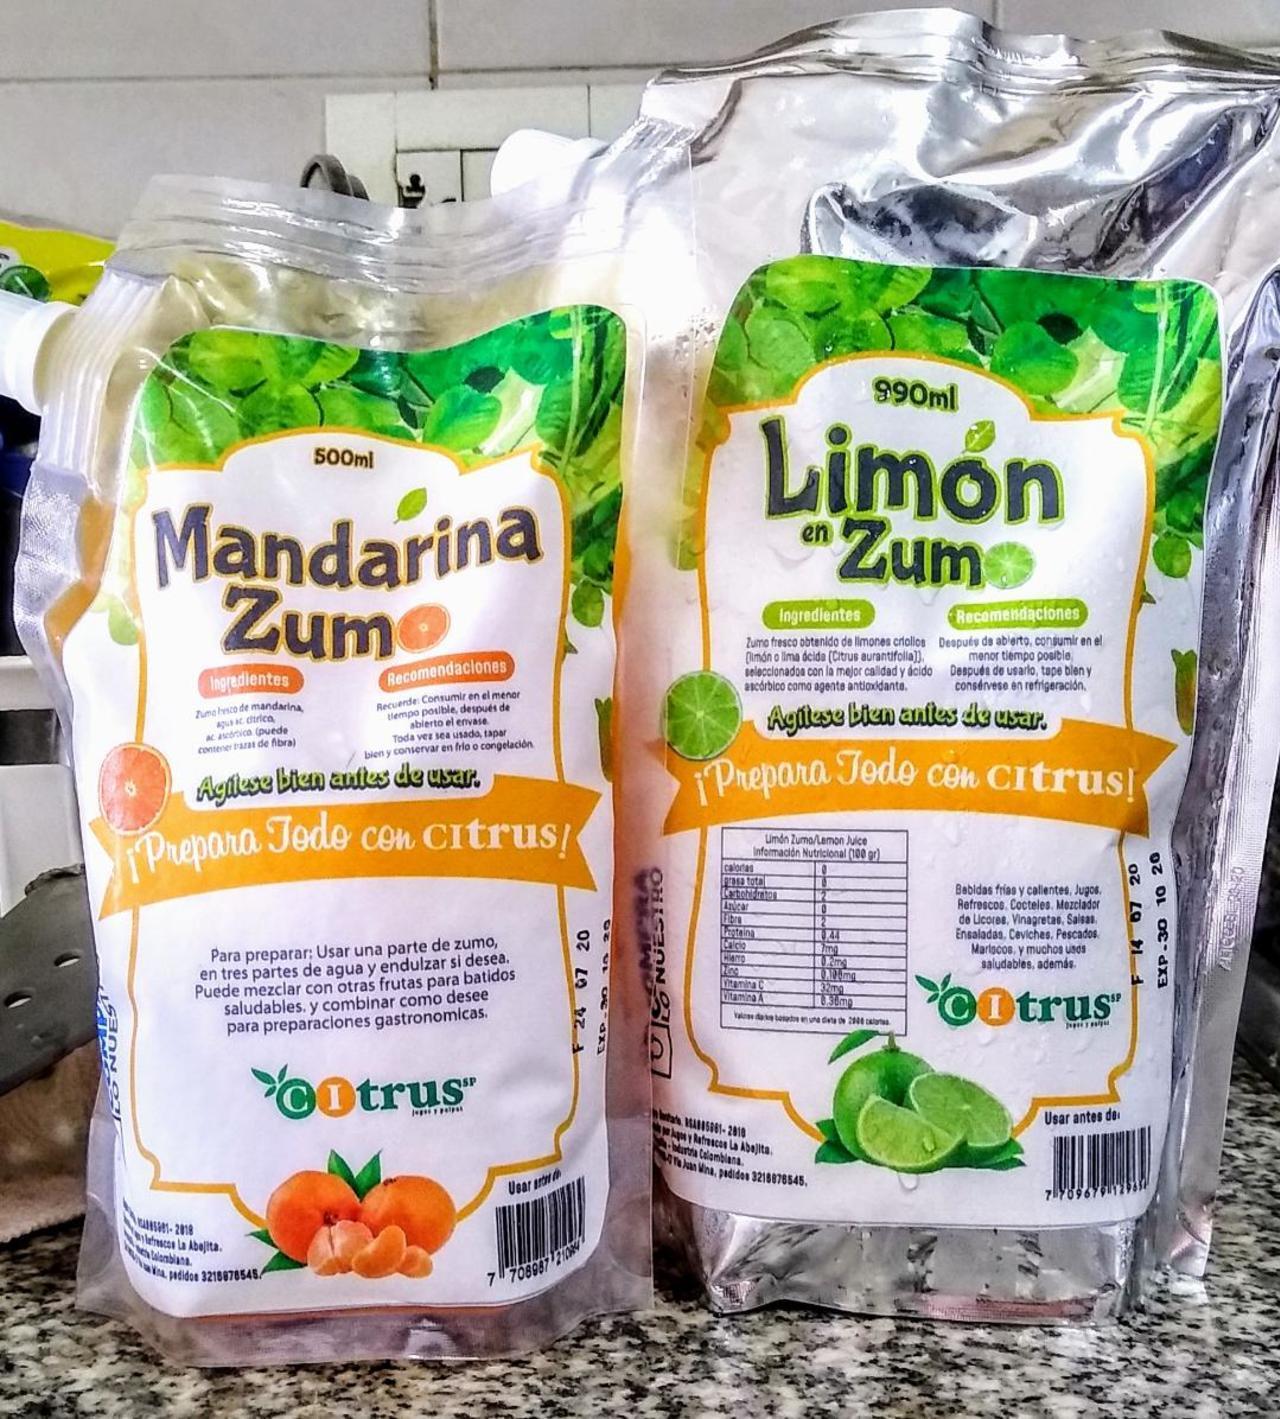 Crece la familia Citrus con el zumo de Mandarina, fuente deliciosa y natural de vitamina C.